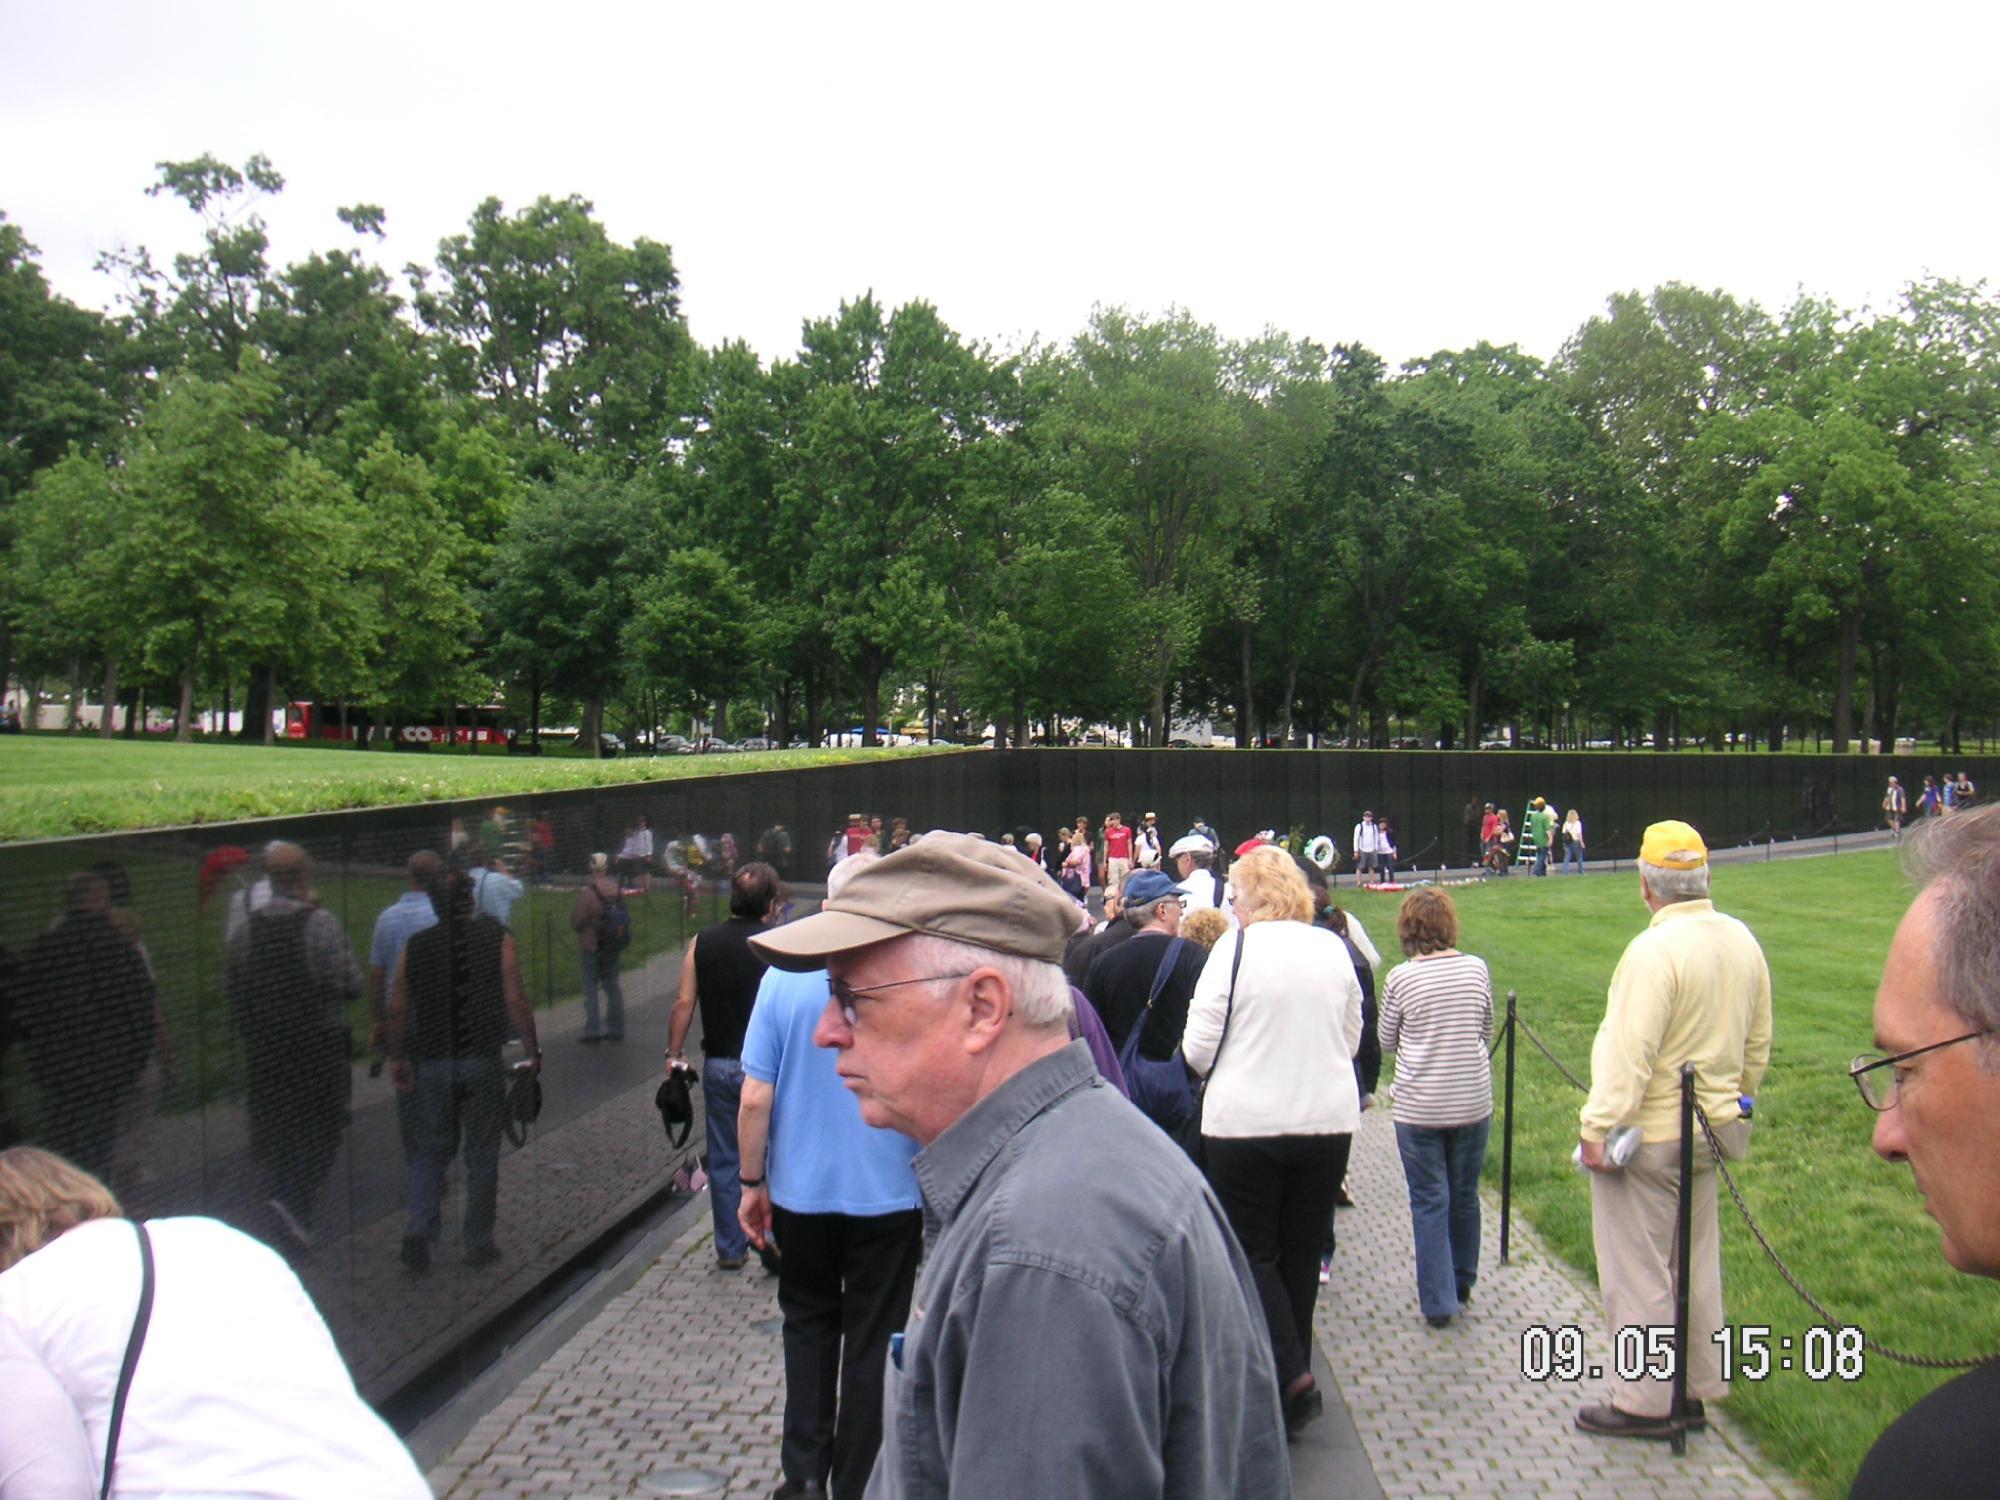 The Viet Nam Memorial